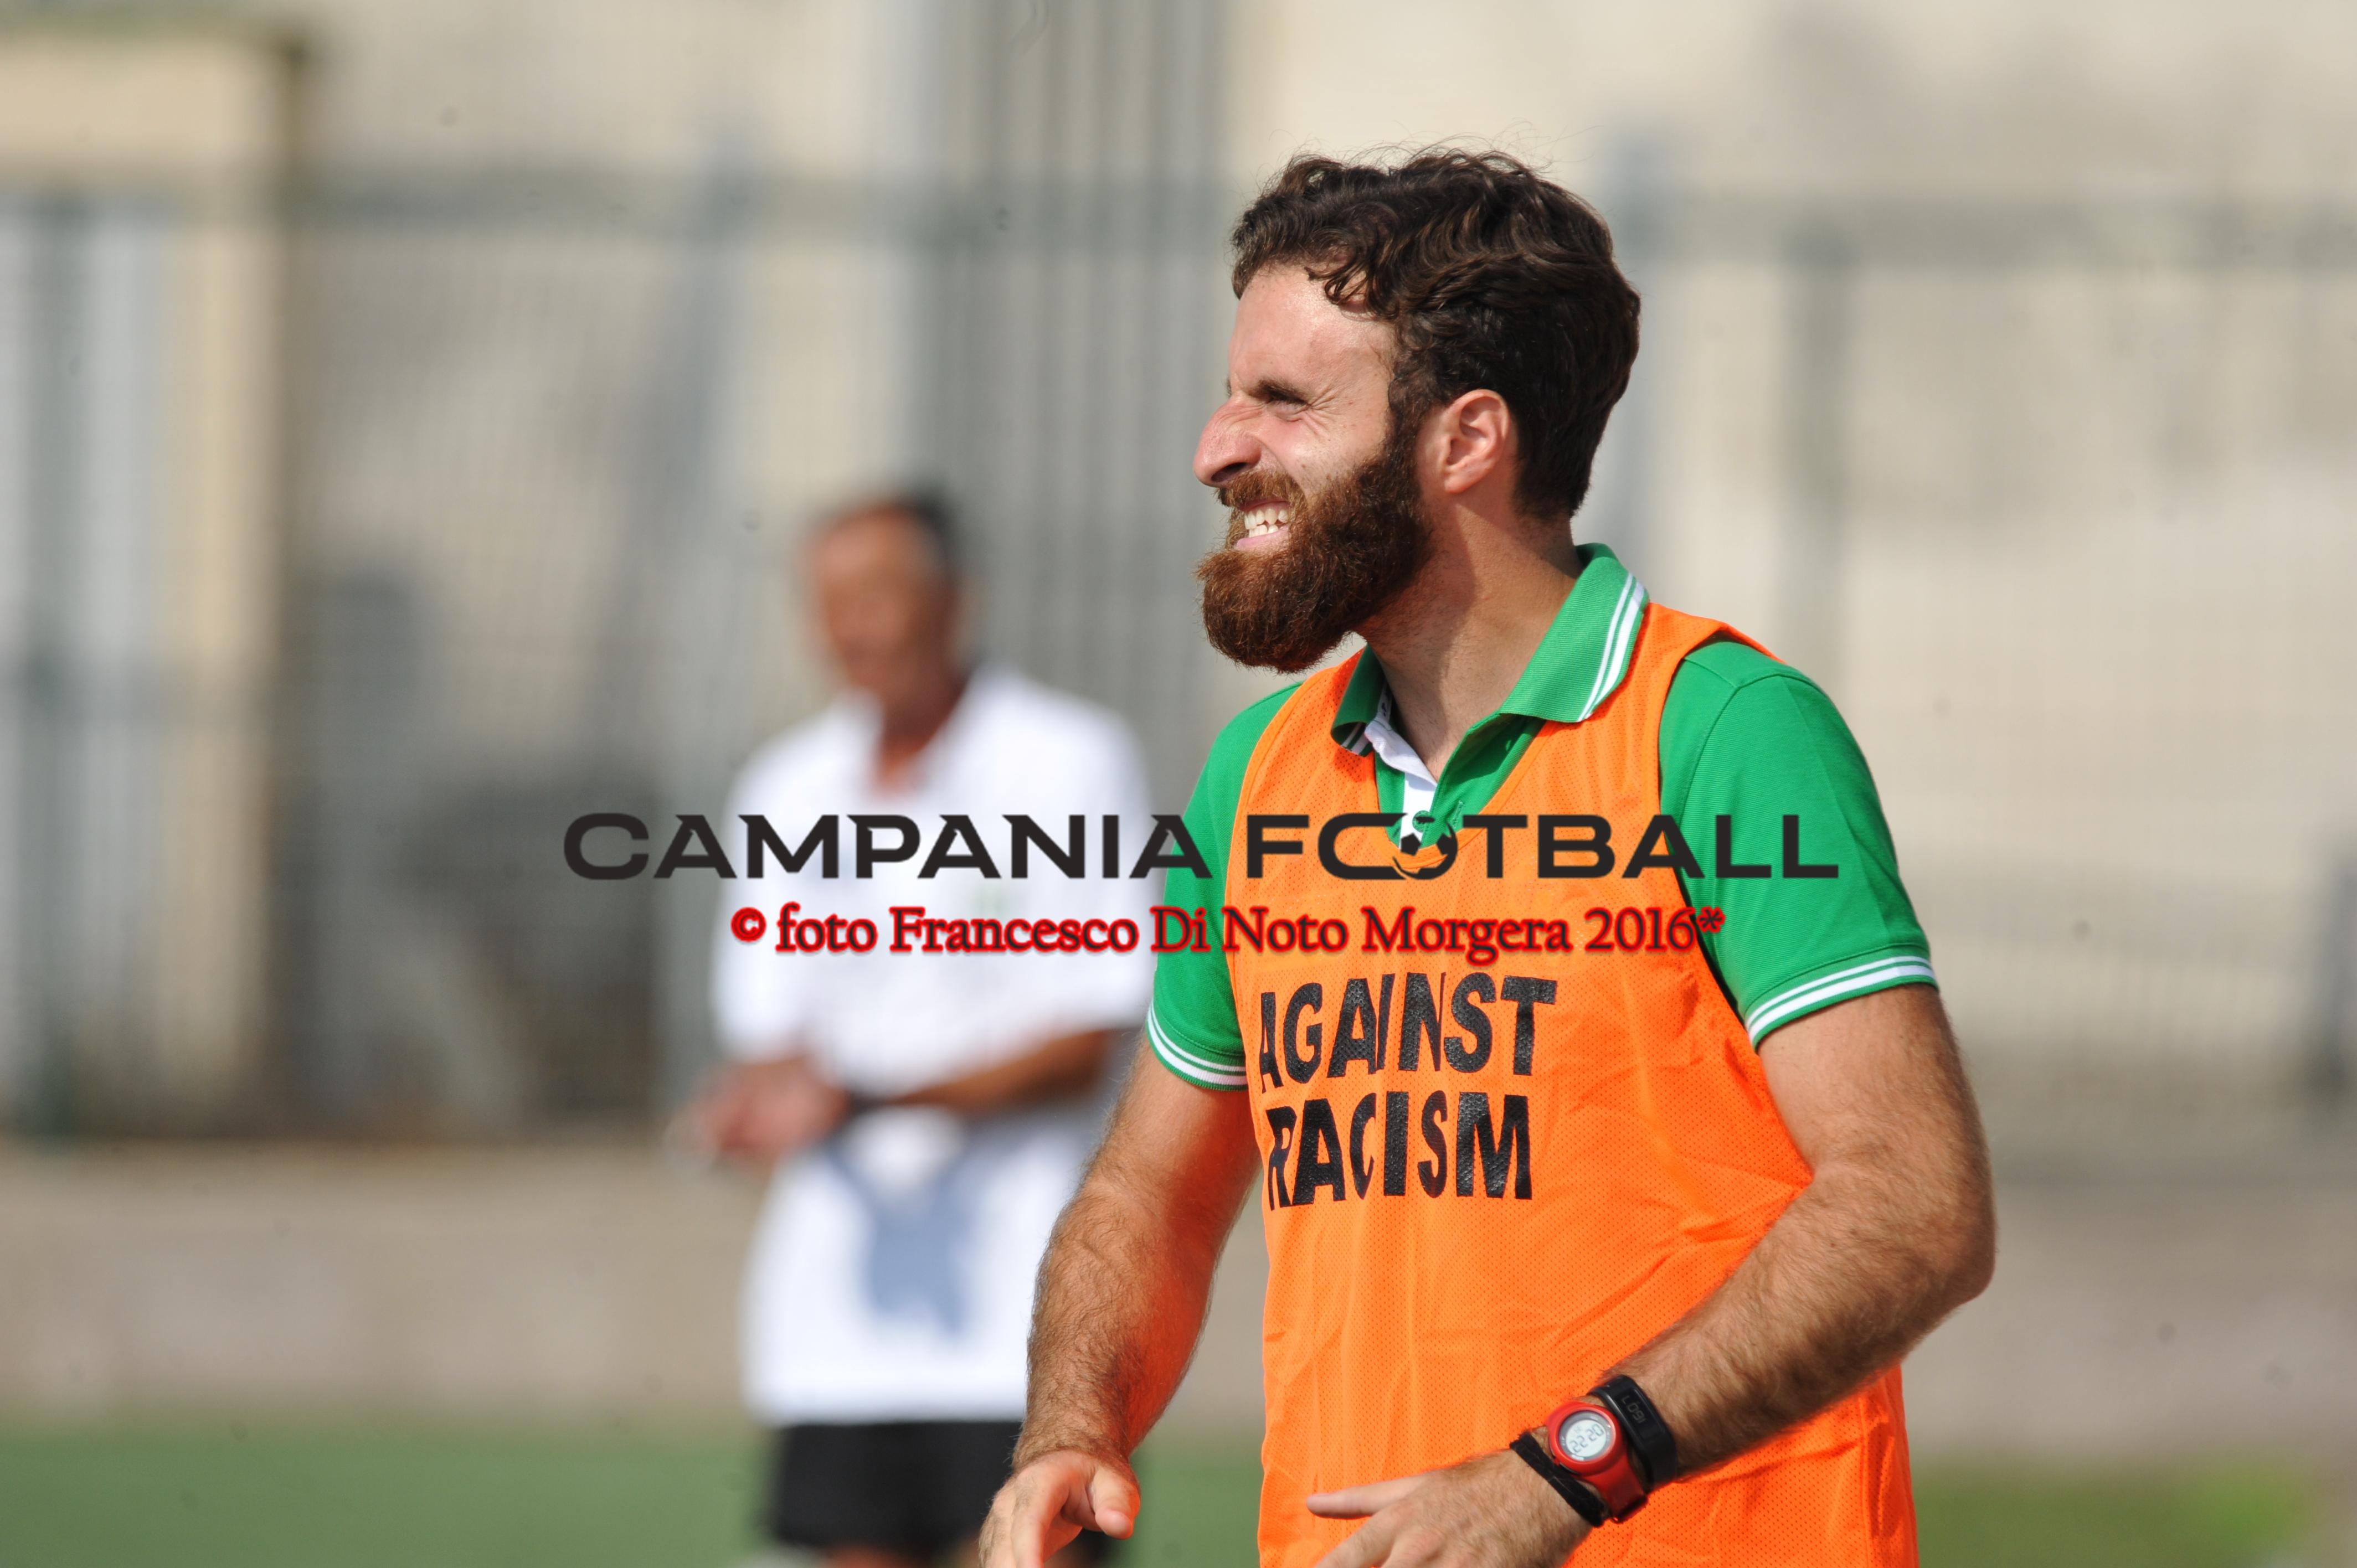 Promozione gir B: Pareggio in rimonta per l'Afro-Napoli United, che sorride con un acuto di Sica